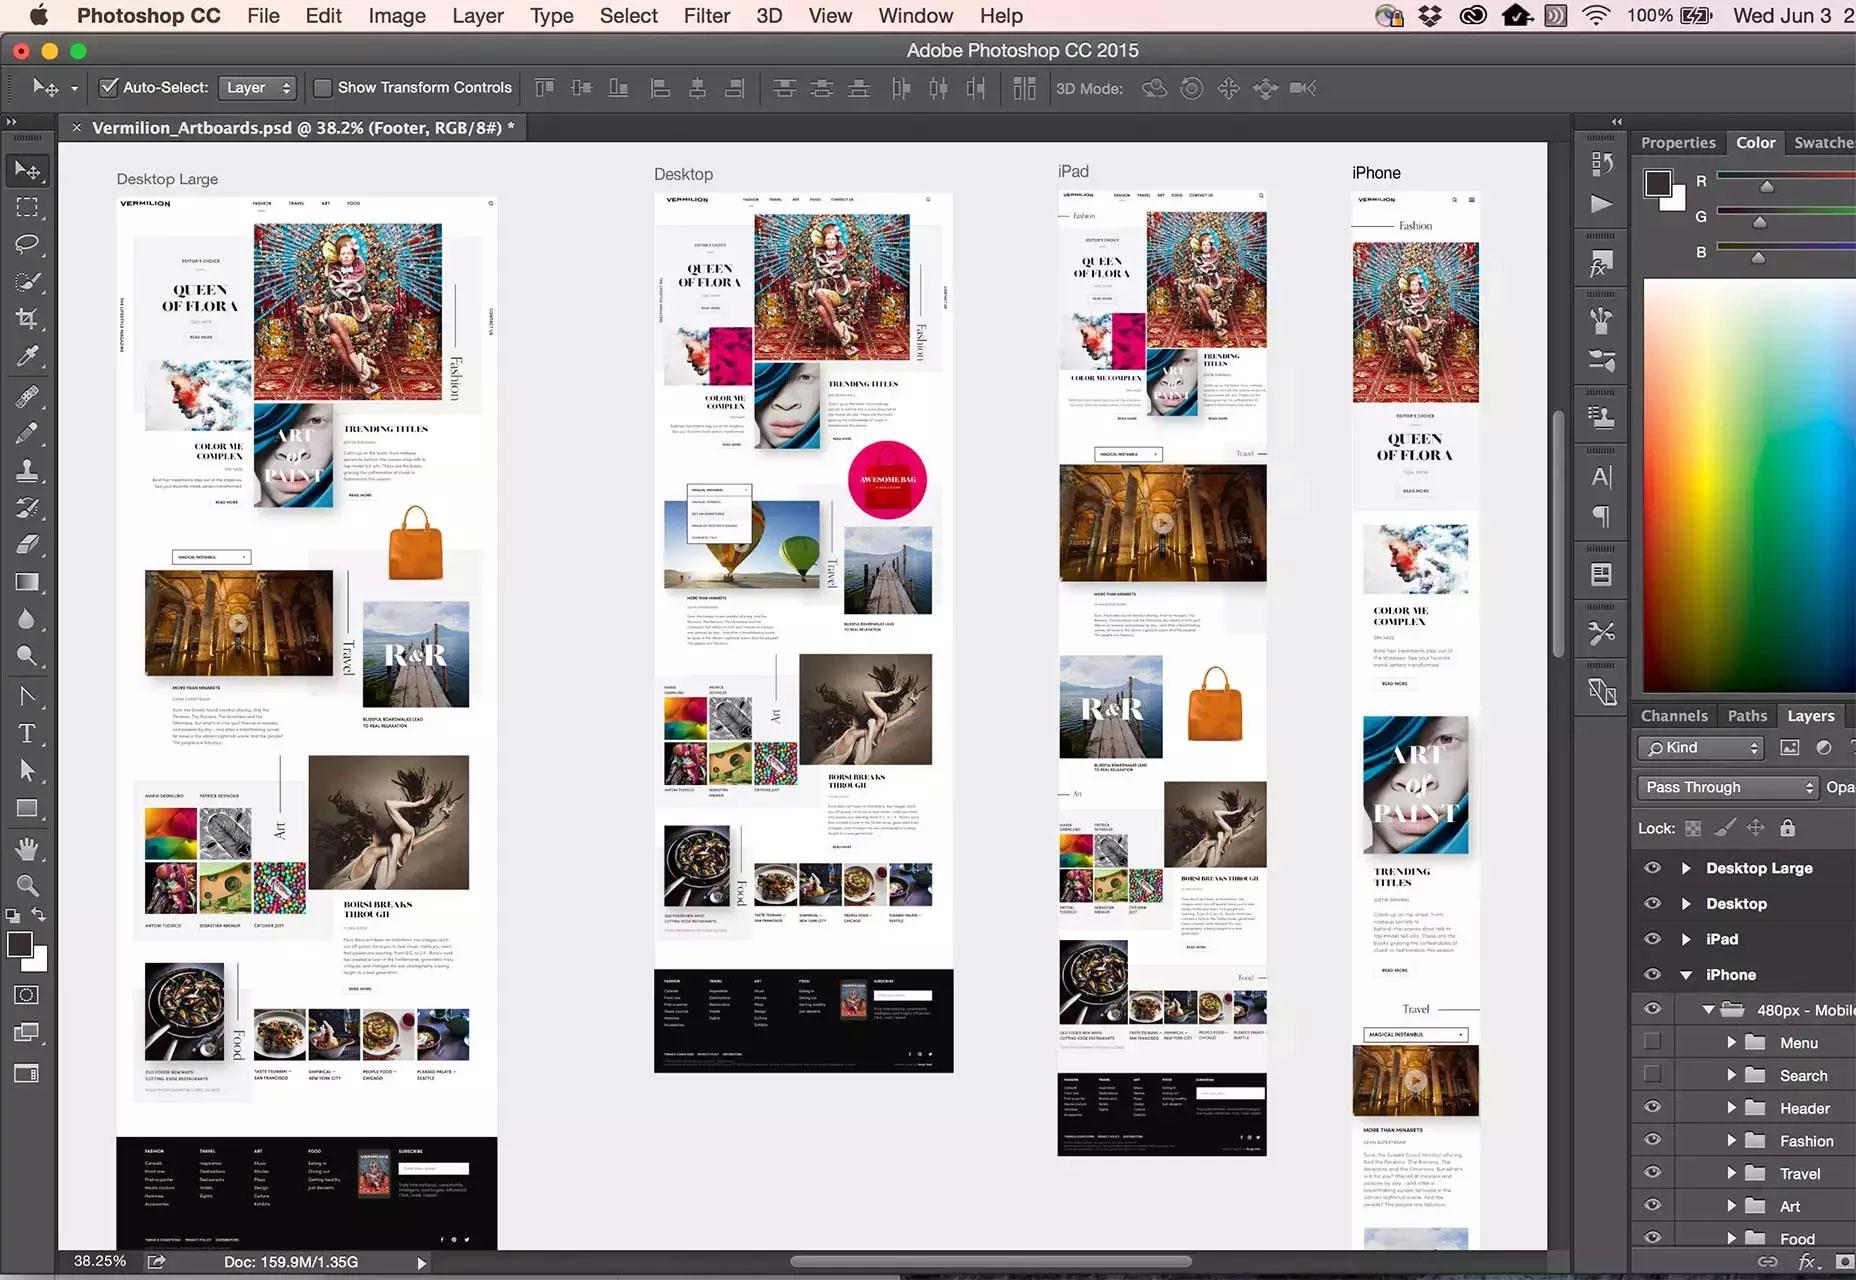 Adobe Photoshop CC 2015 破解版下载(MAC/PC)3